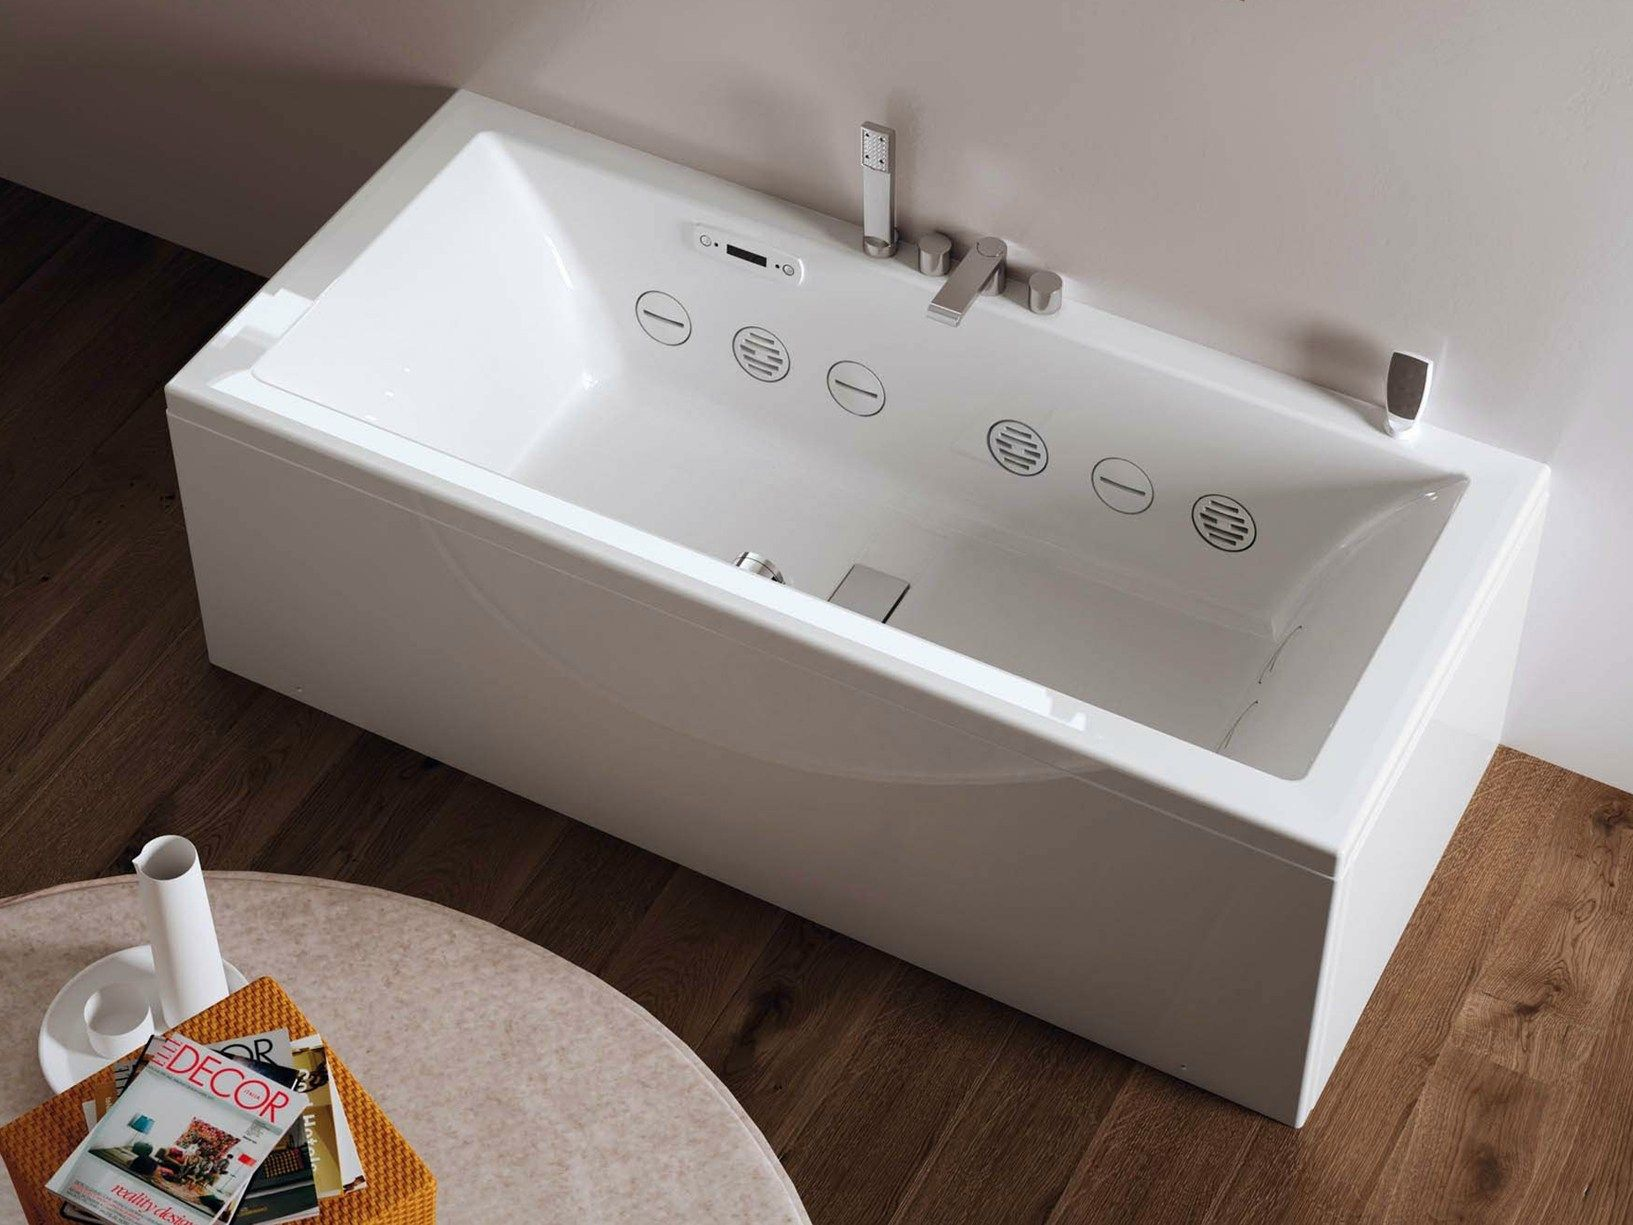 Vasca Da Bagno Teuco Paper Prezzi : Le nuove vasche teuco hydrosonic®